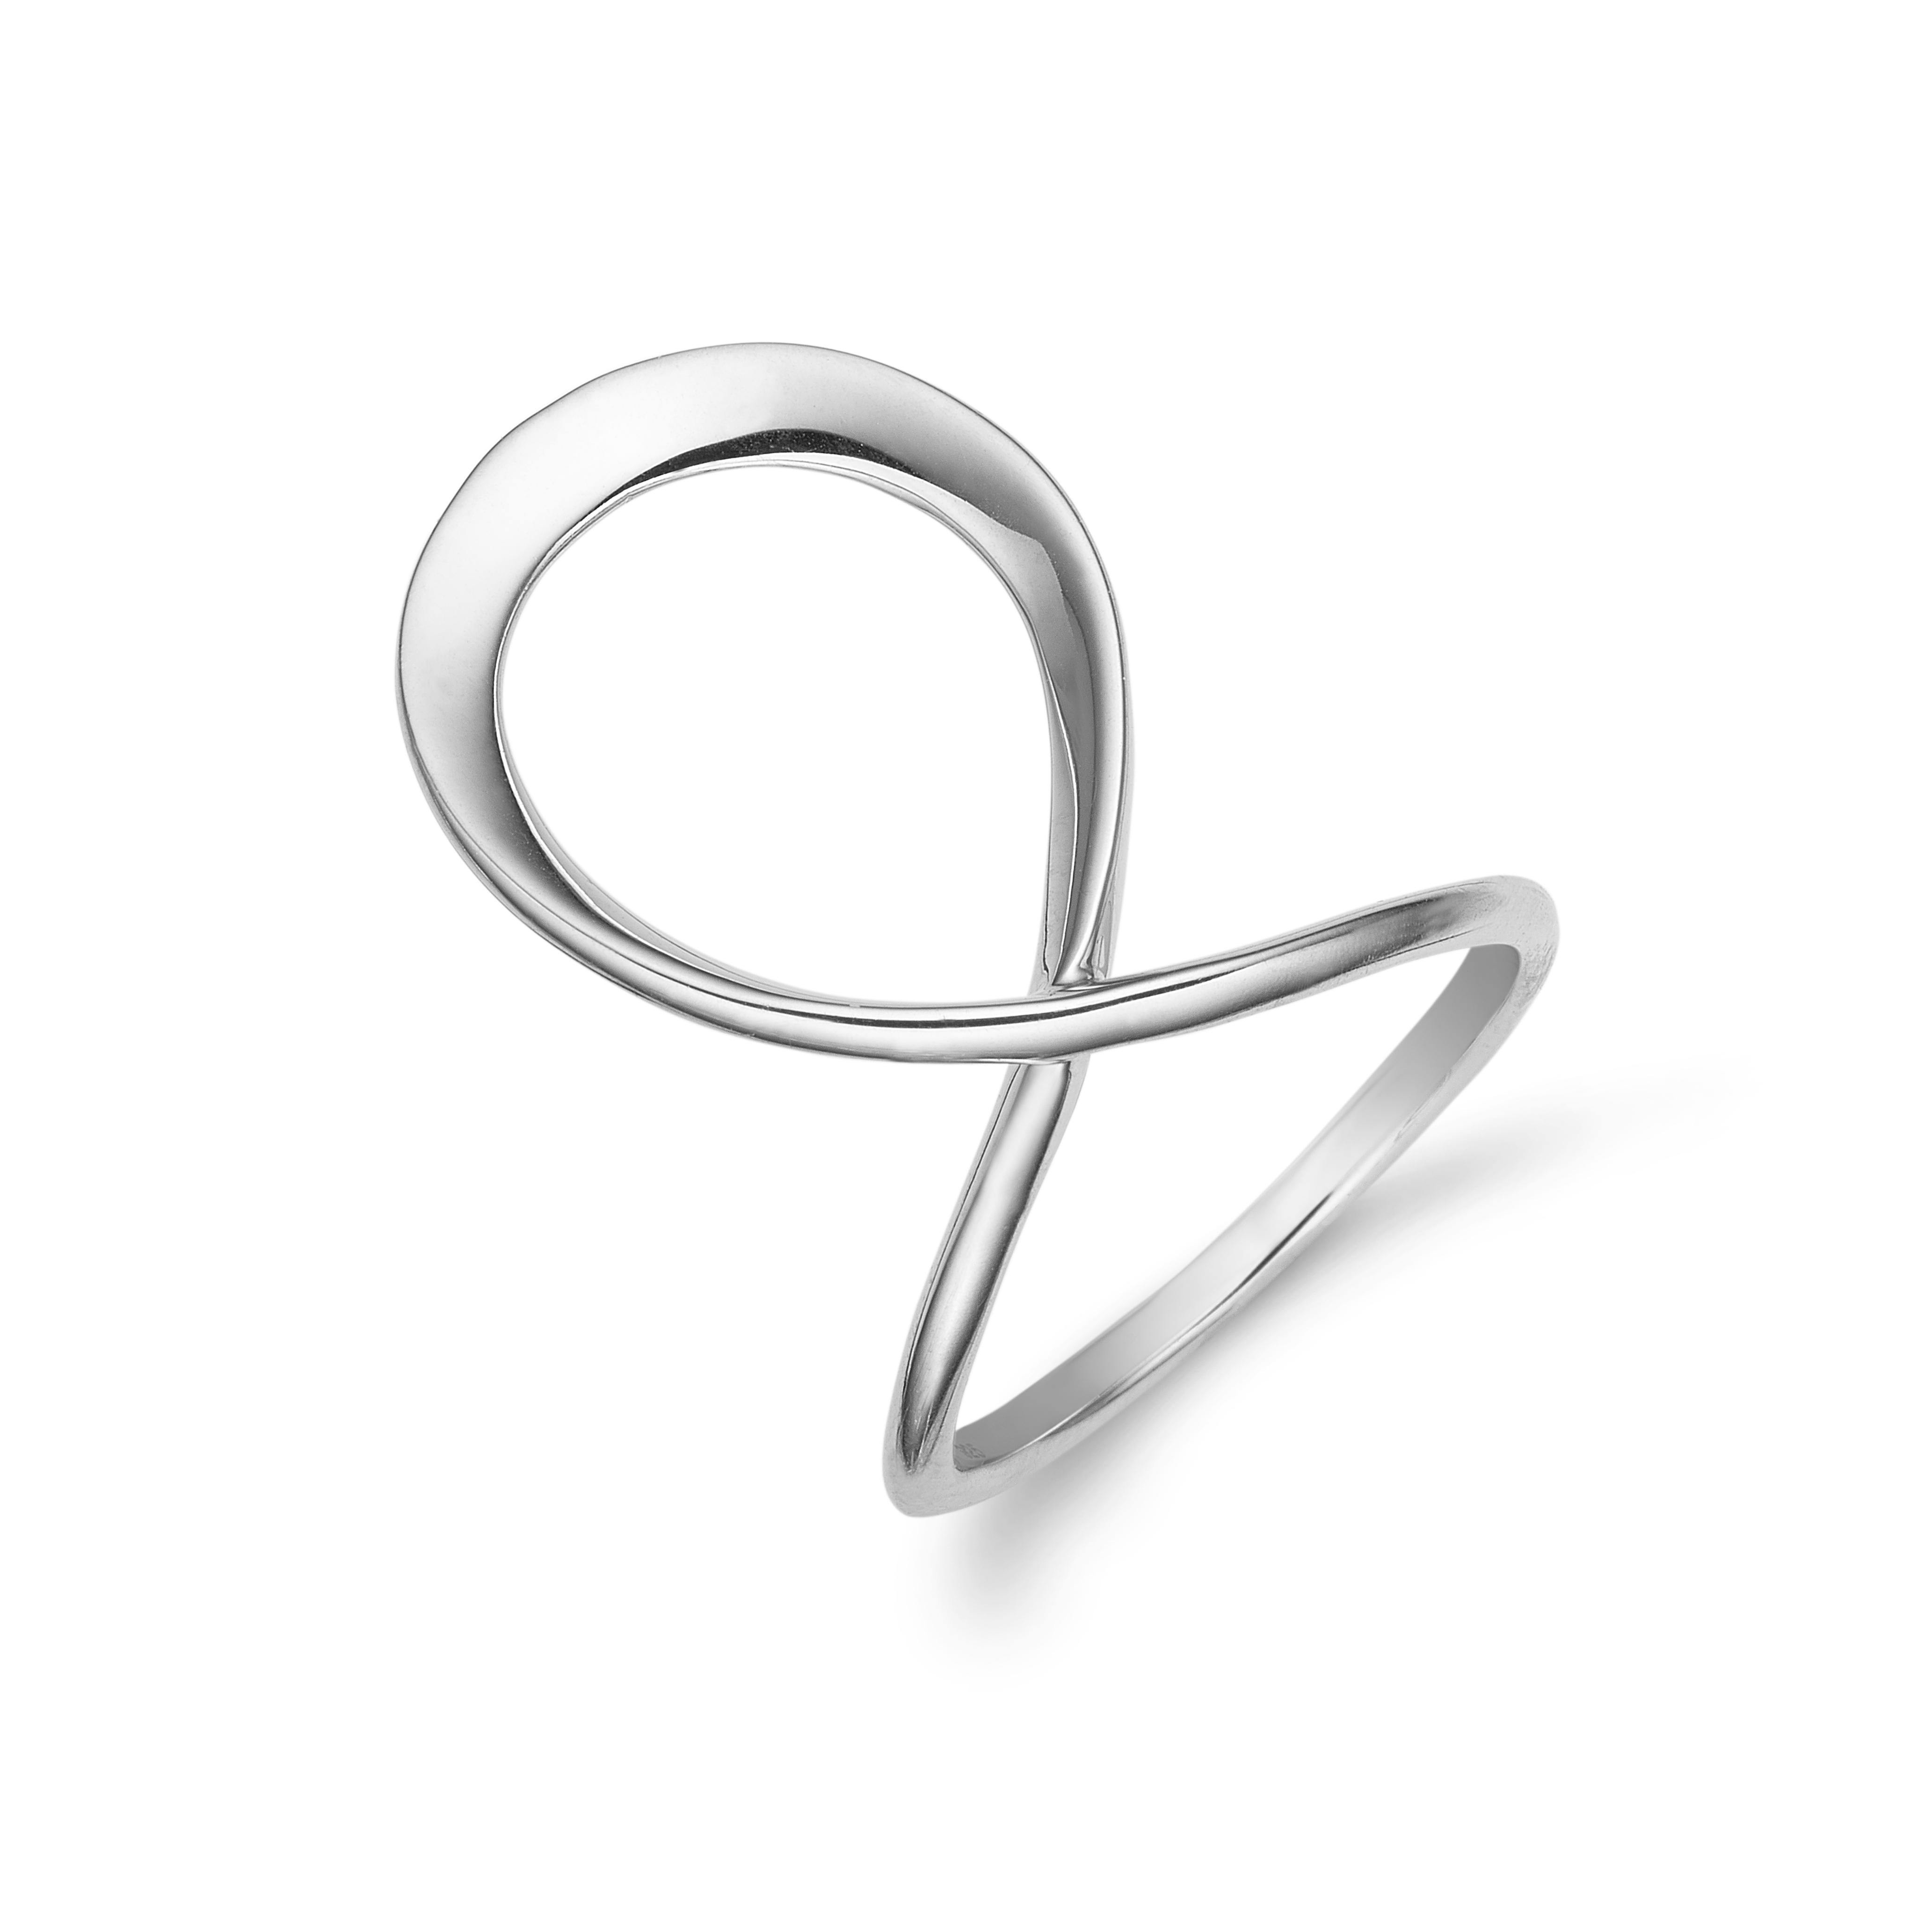 Aagaard Sølv ring - 11611398 Størrelse 50